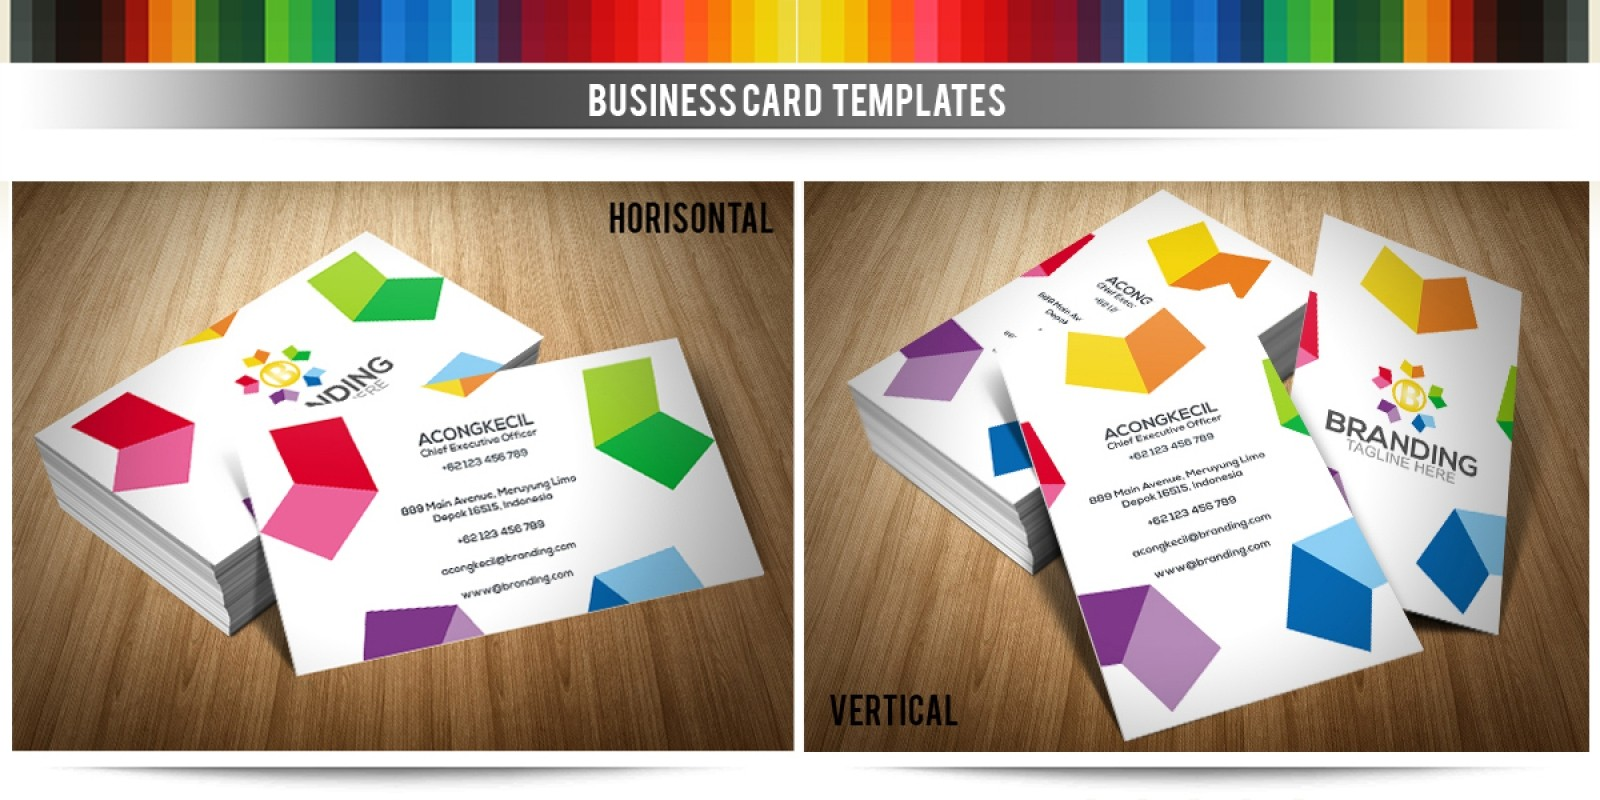 Branding - Business Card Template